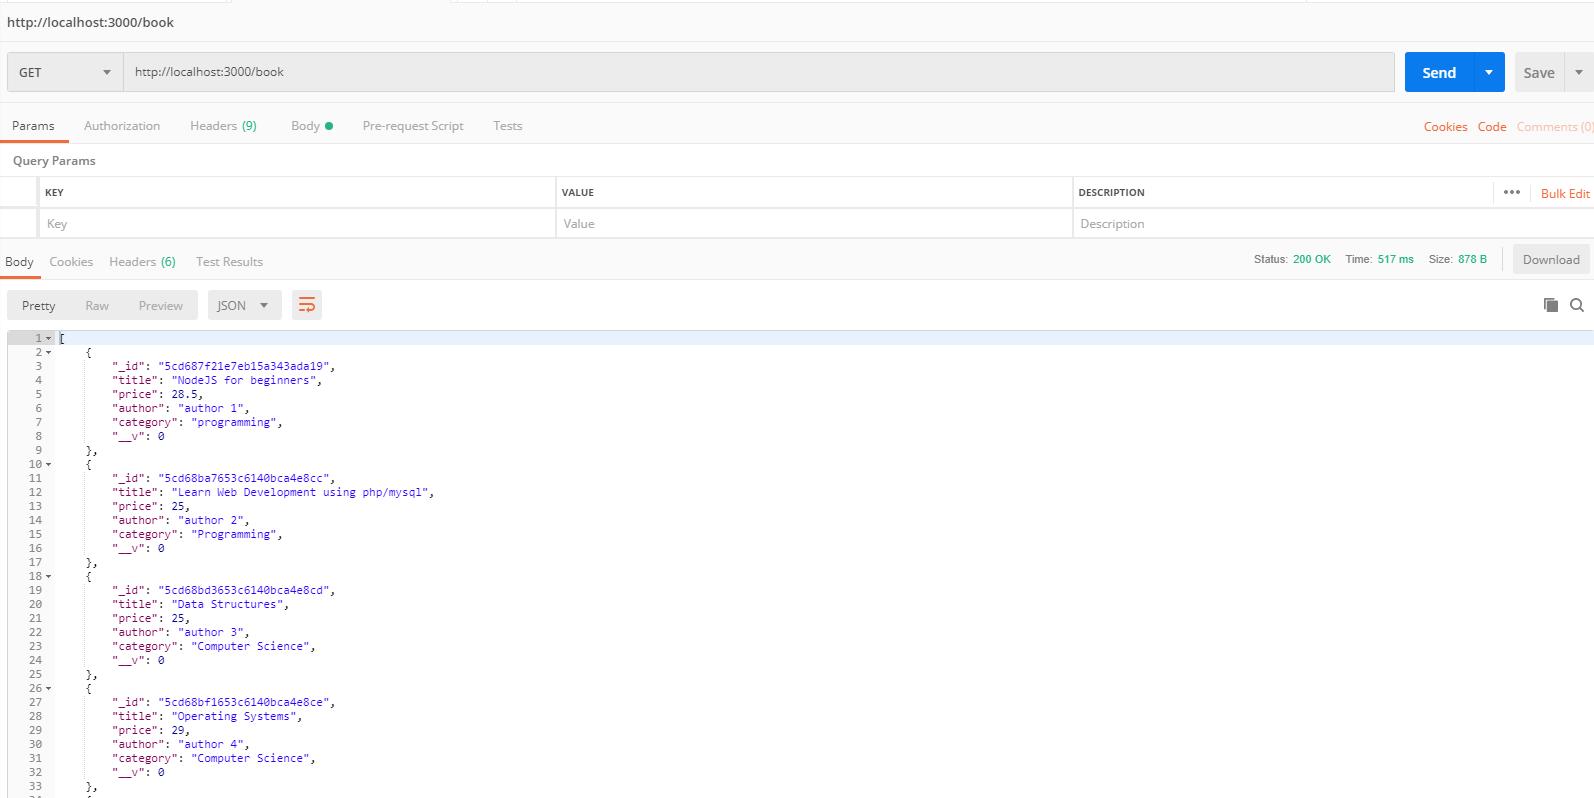 nodejs and hapi framework tutorial - fetch all books